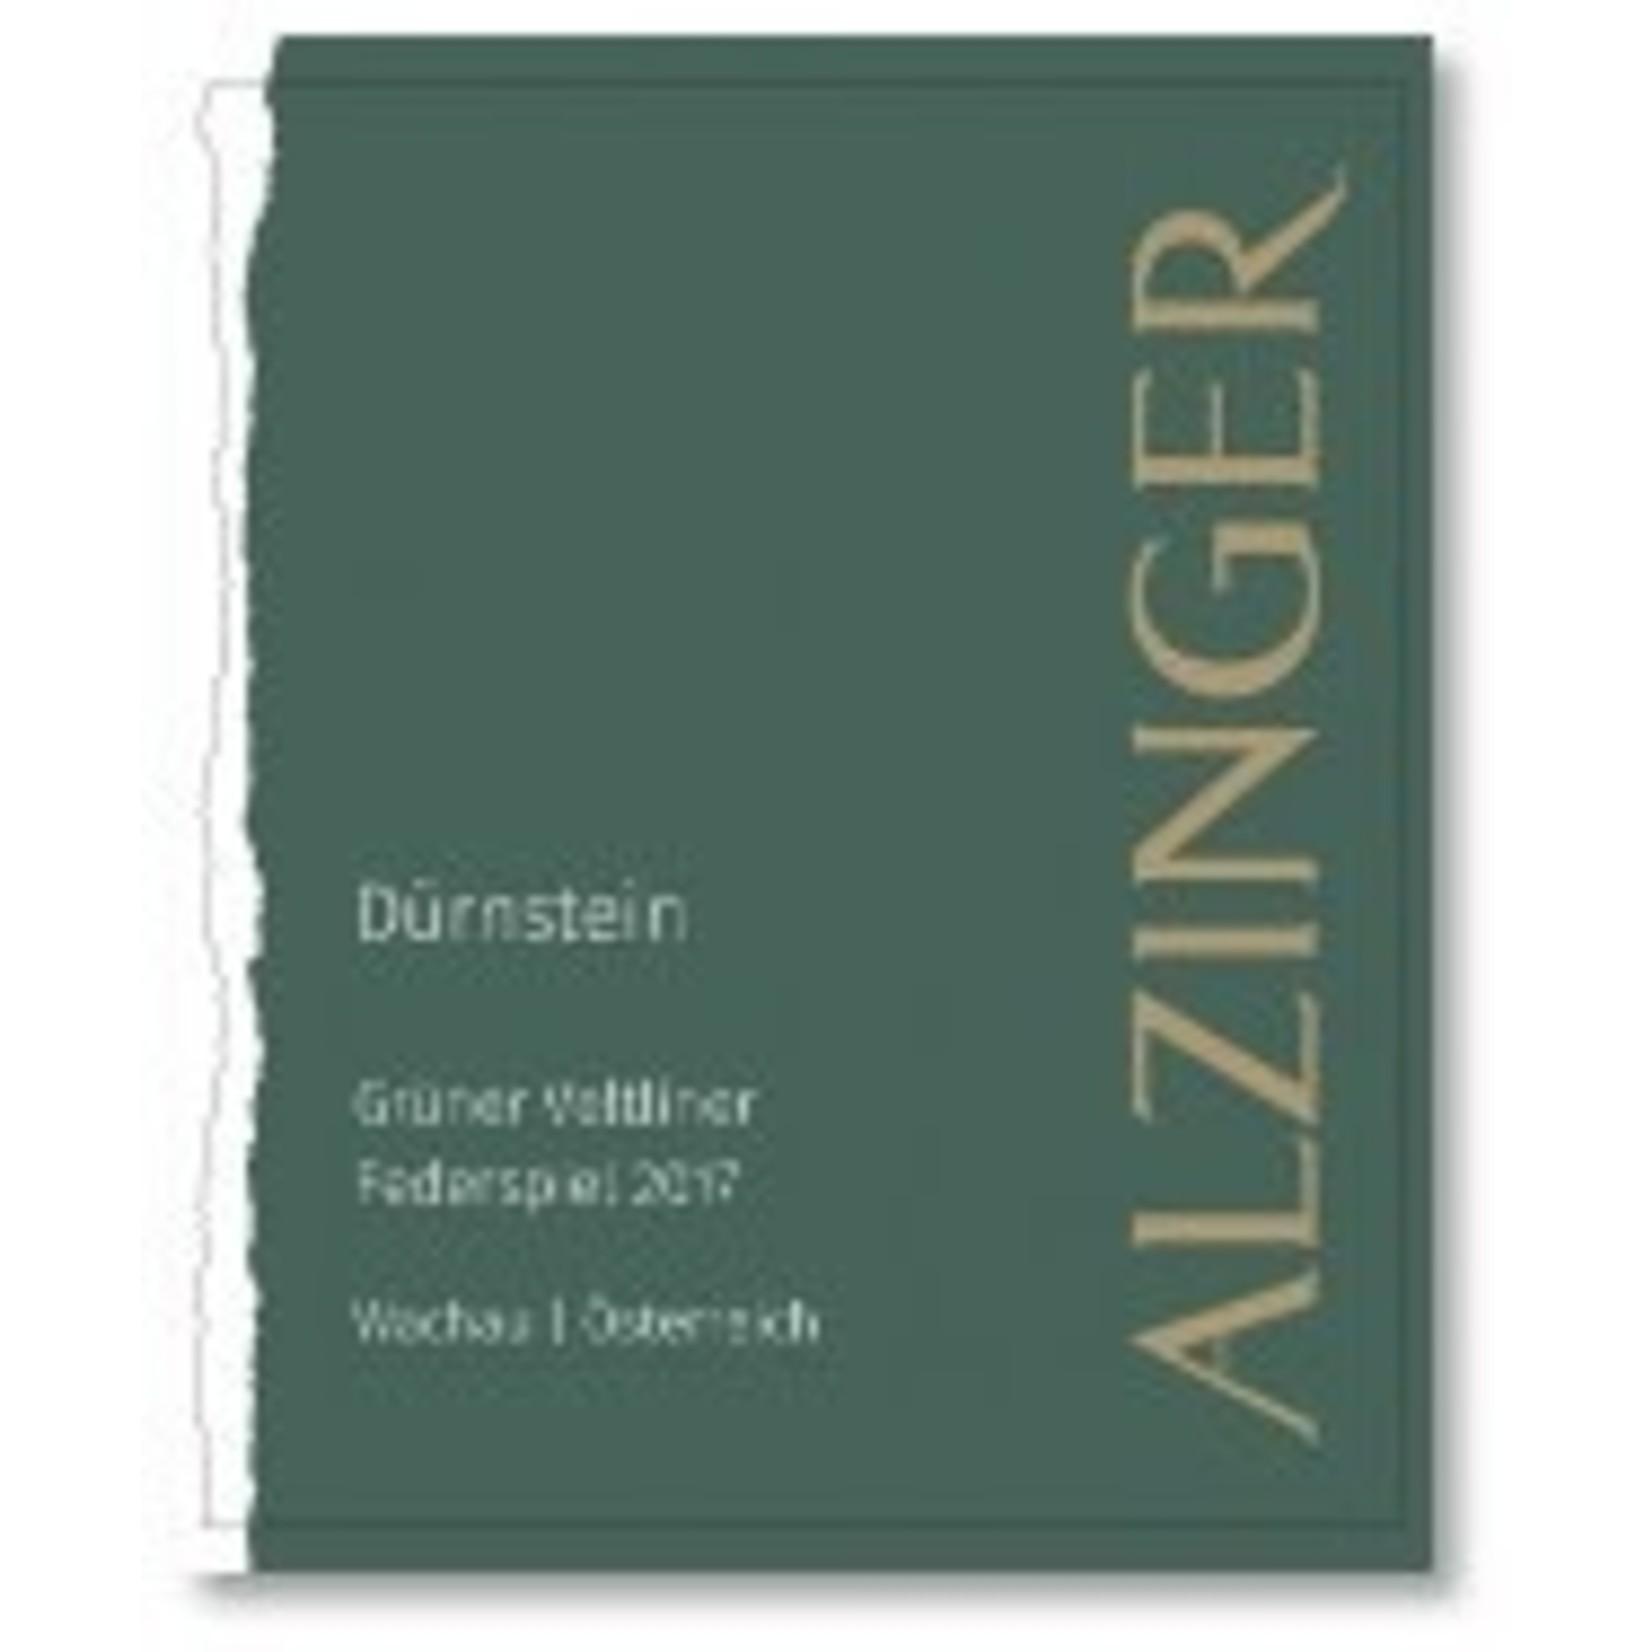 Wine Alzinger Wachau Gruner Veltliner Federspiel Durnstein 2020